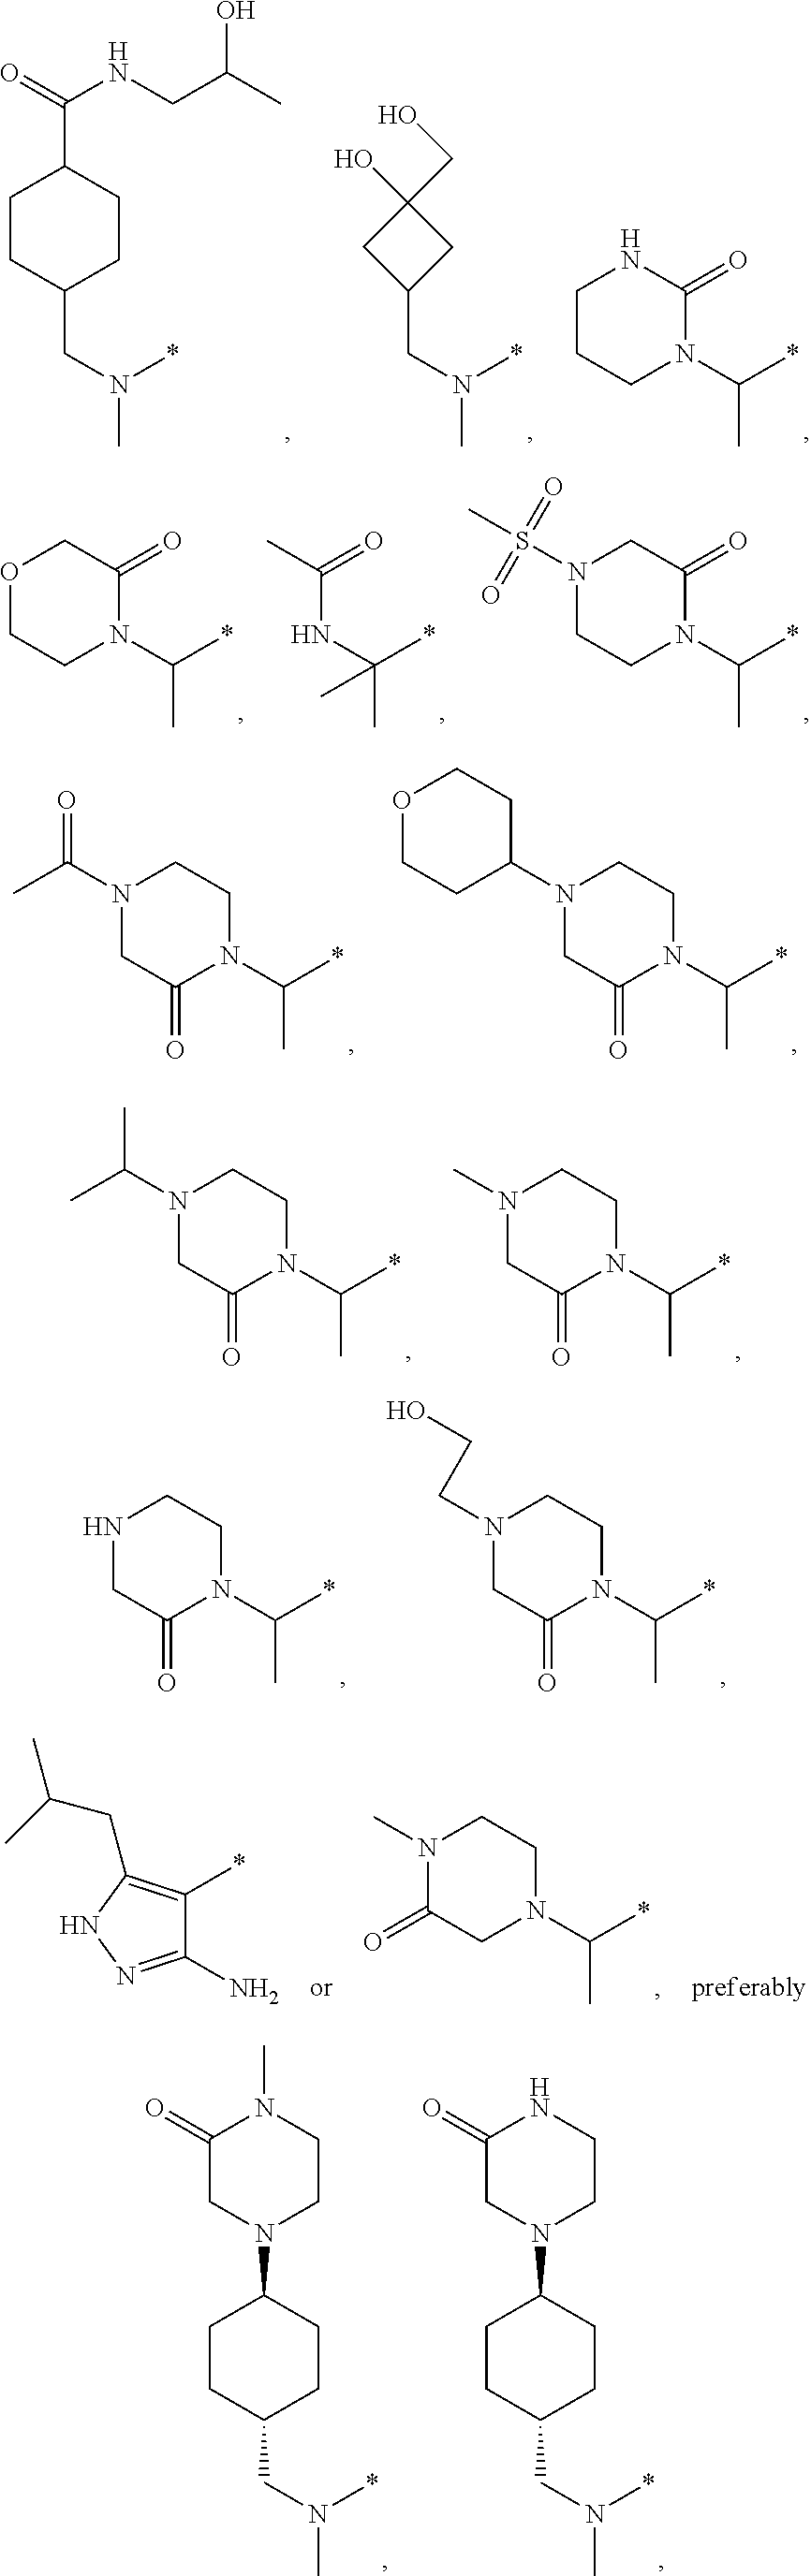 Figure US08440693-20130514-C00036